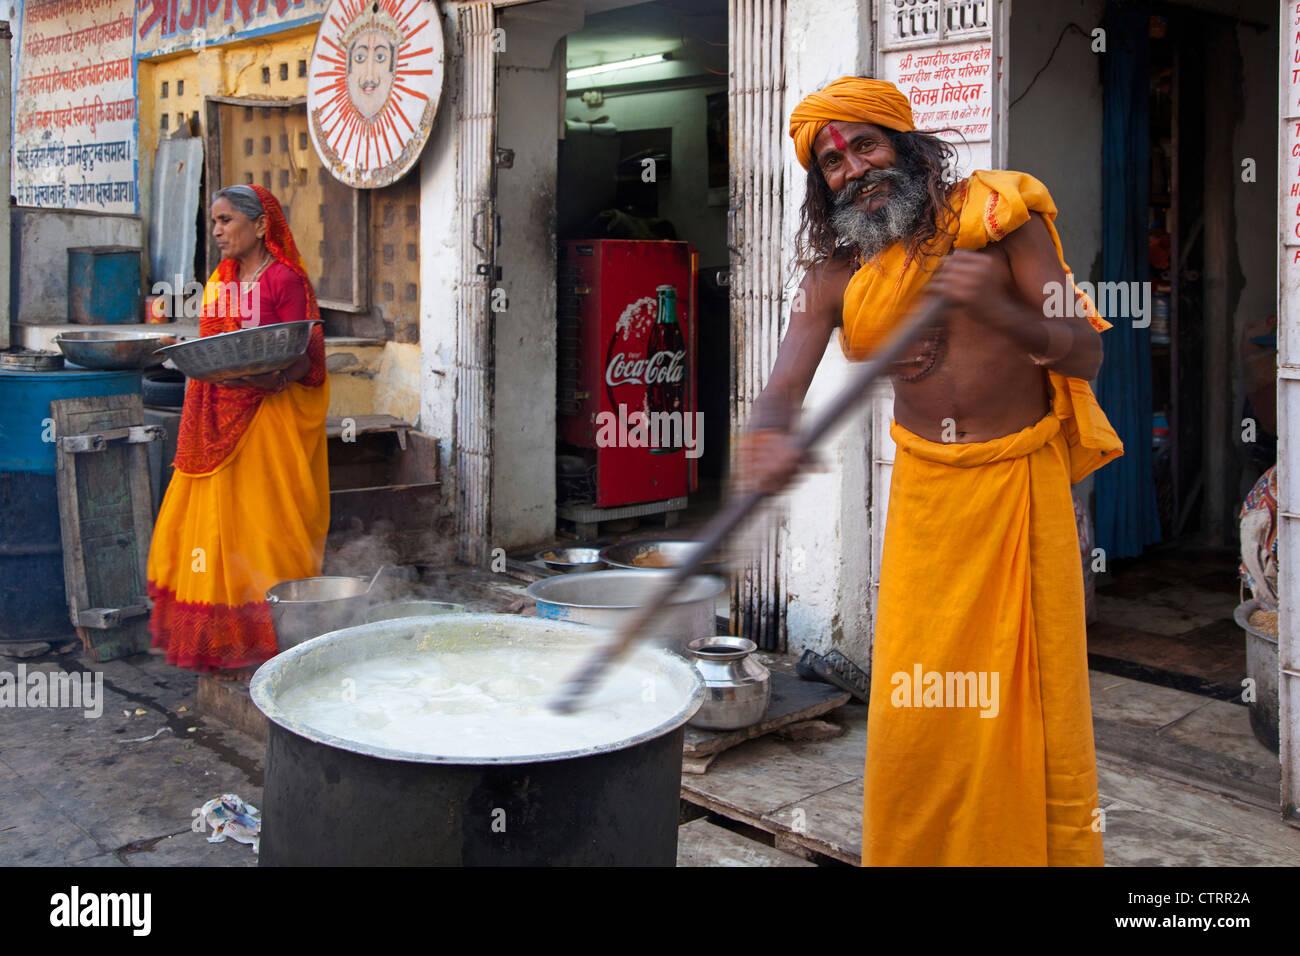 Bindi Indian Food